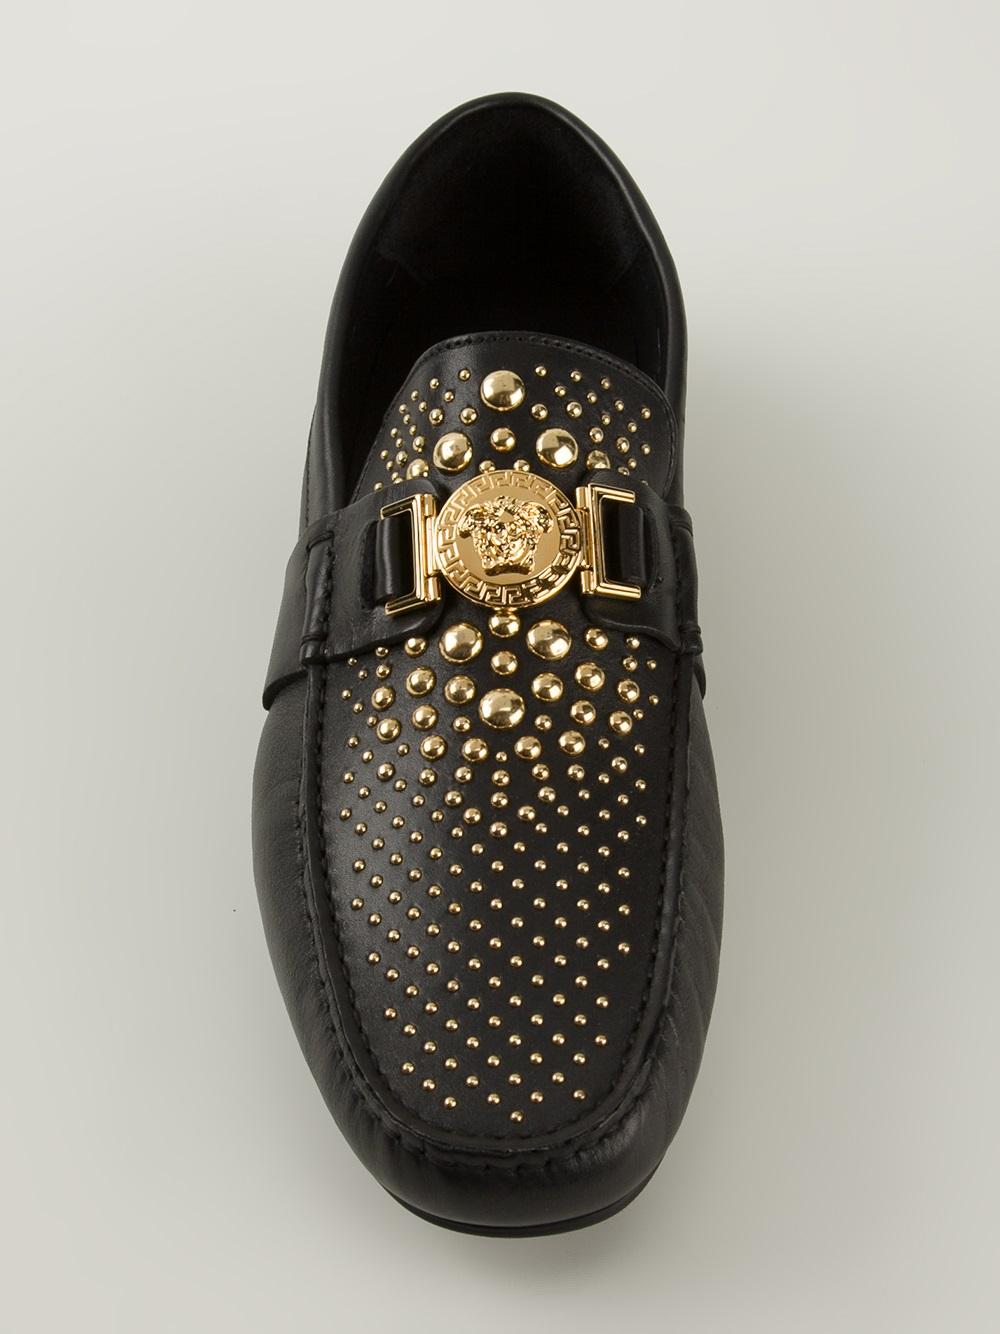 Buy Versace Shoes Uk